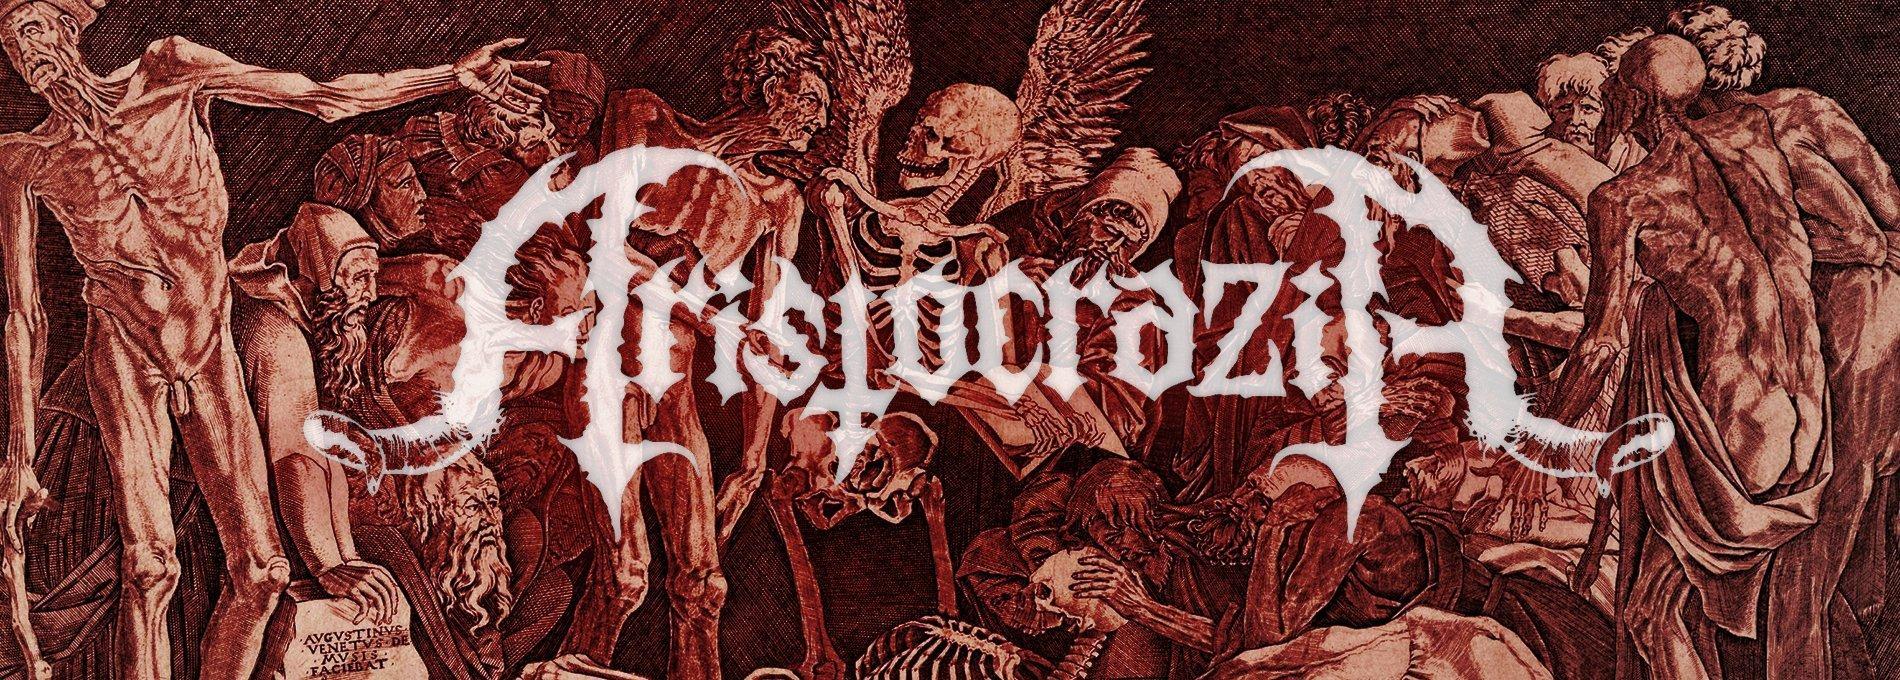 Webzine Metal